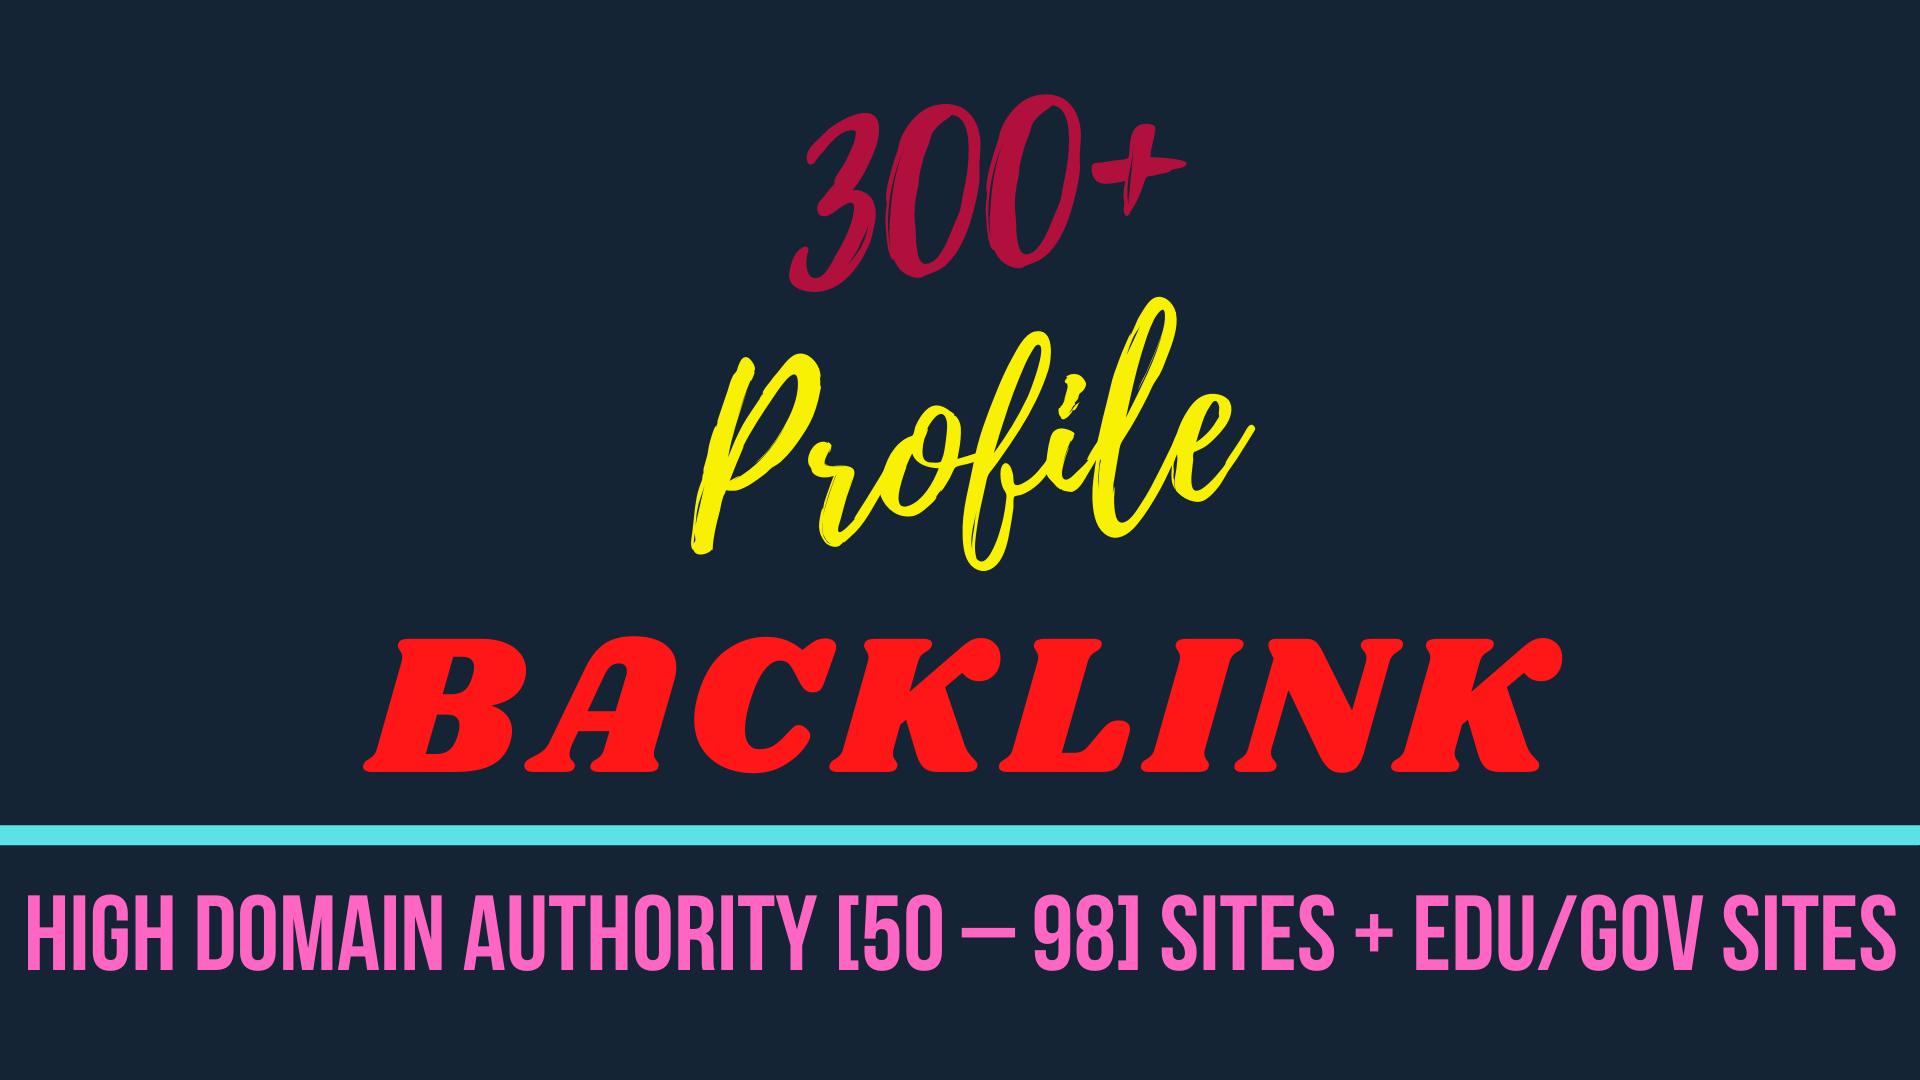 I will provide 300+ Profile Backlink